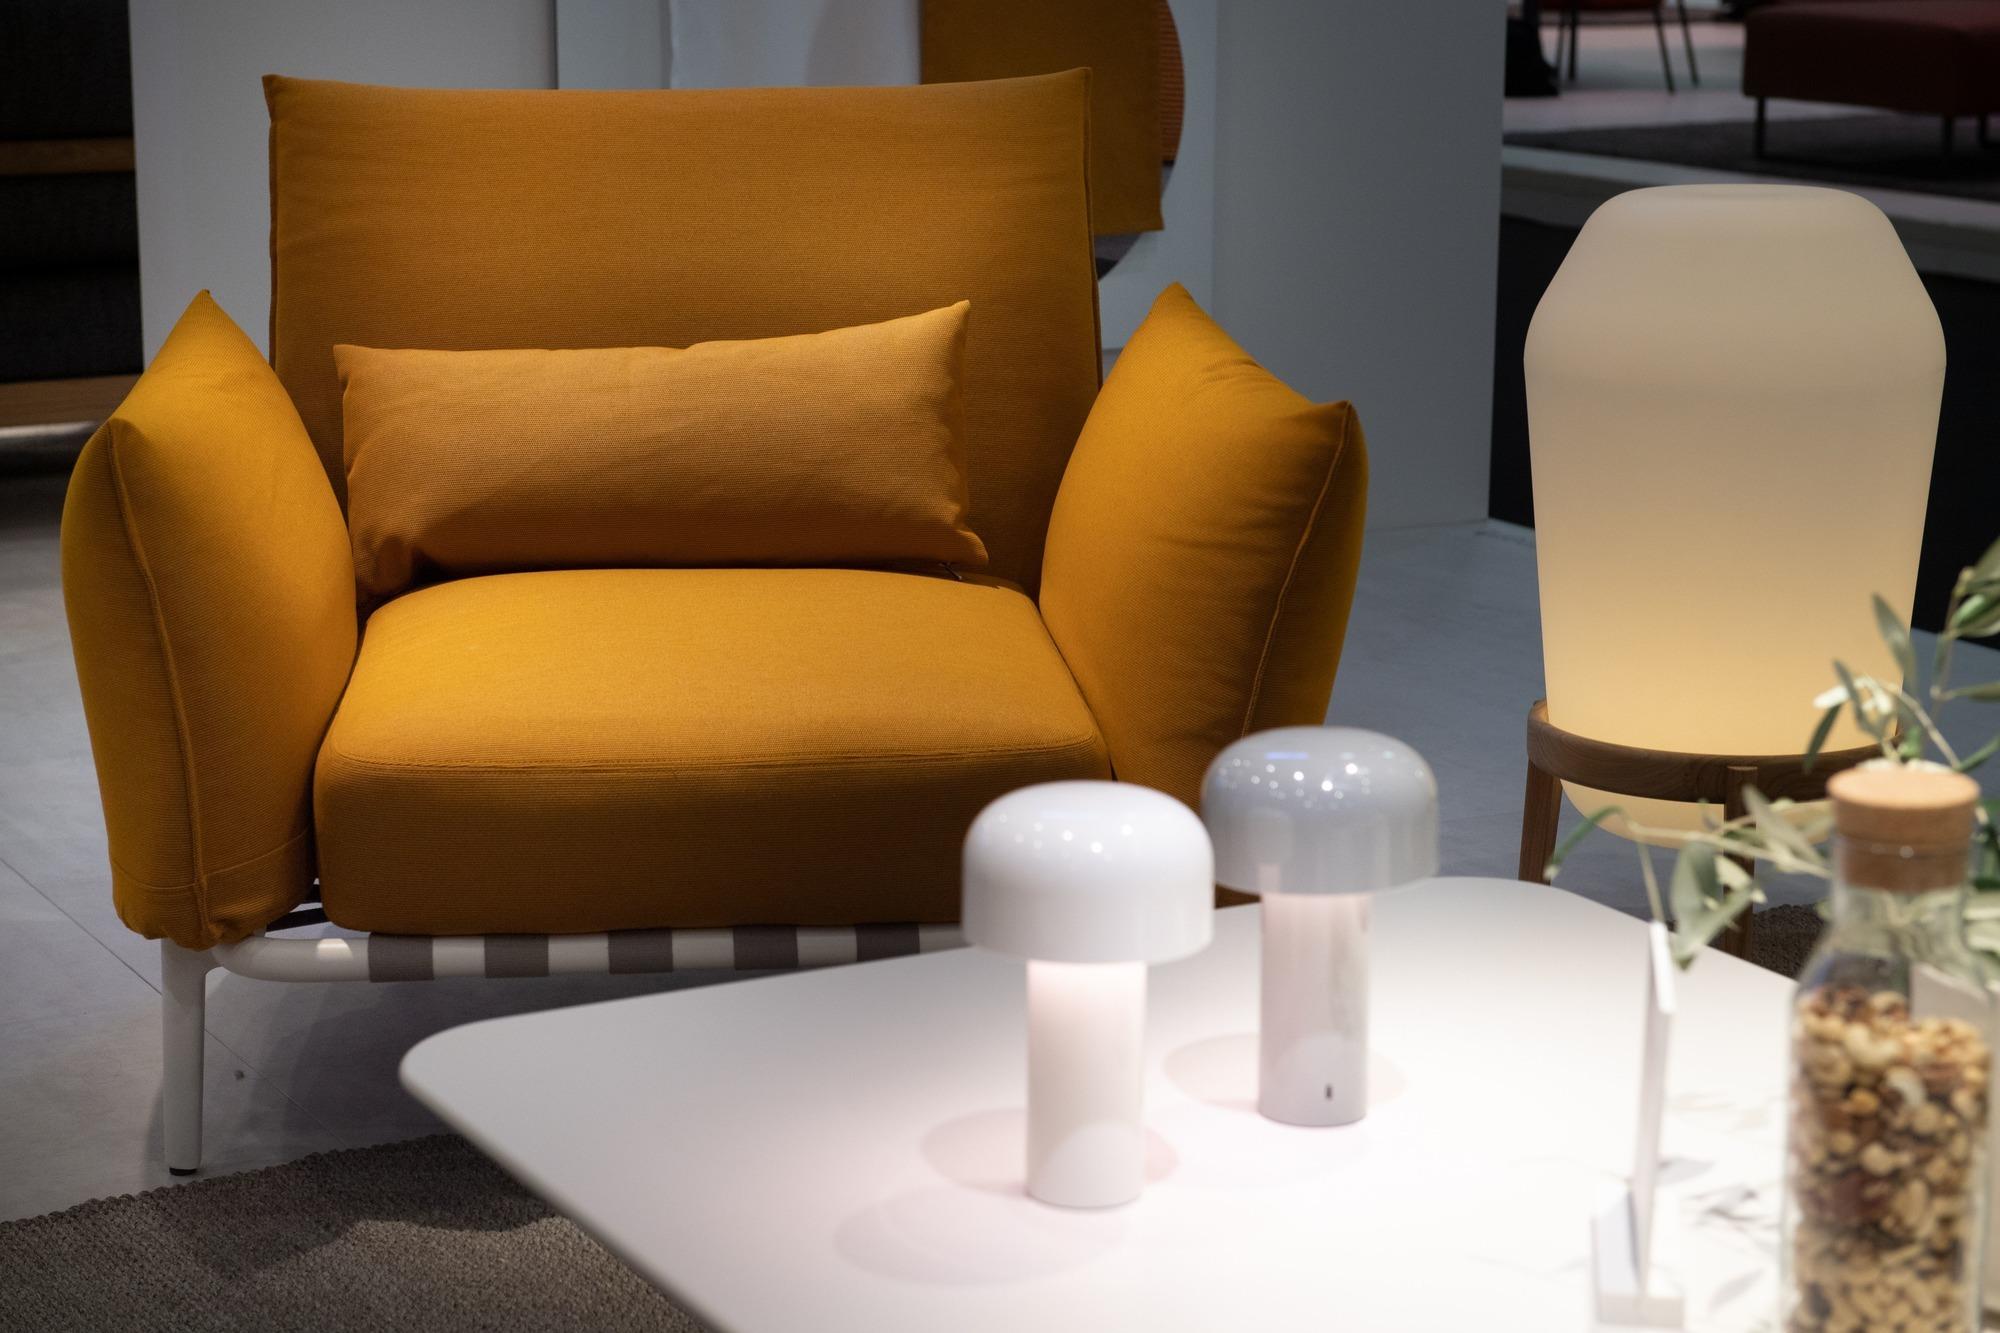 Turbo Möbelmesse IMM: Sitzgruppe löst die Liegelandschaft ab - Lebensart UP55